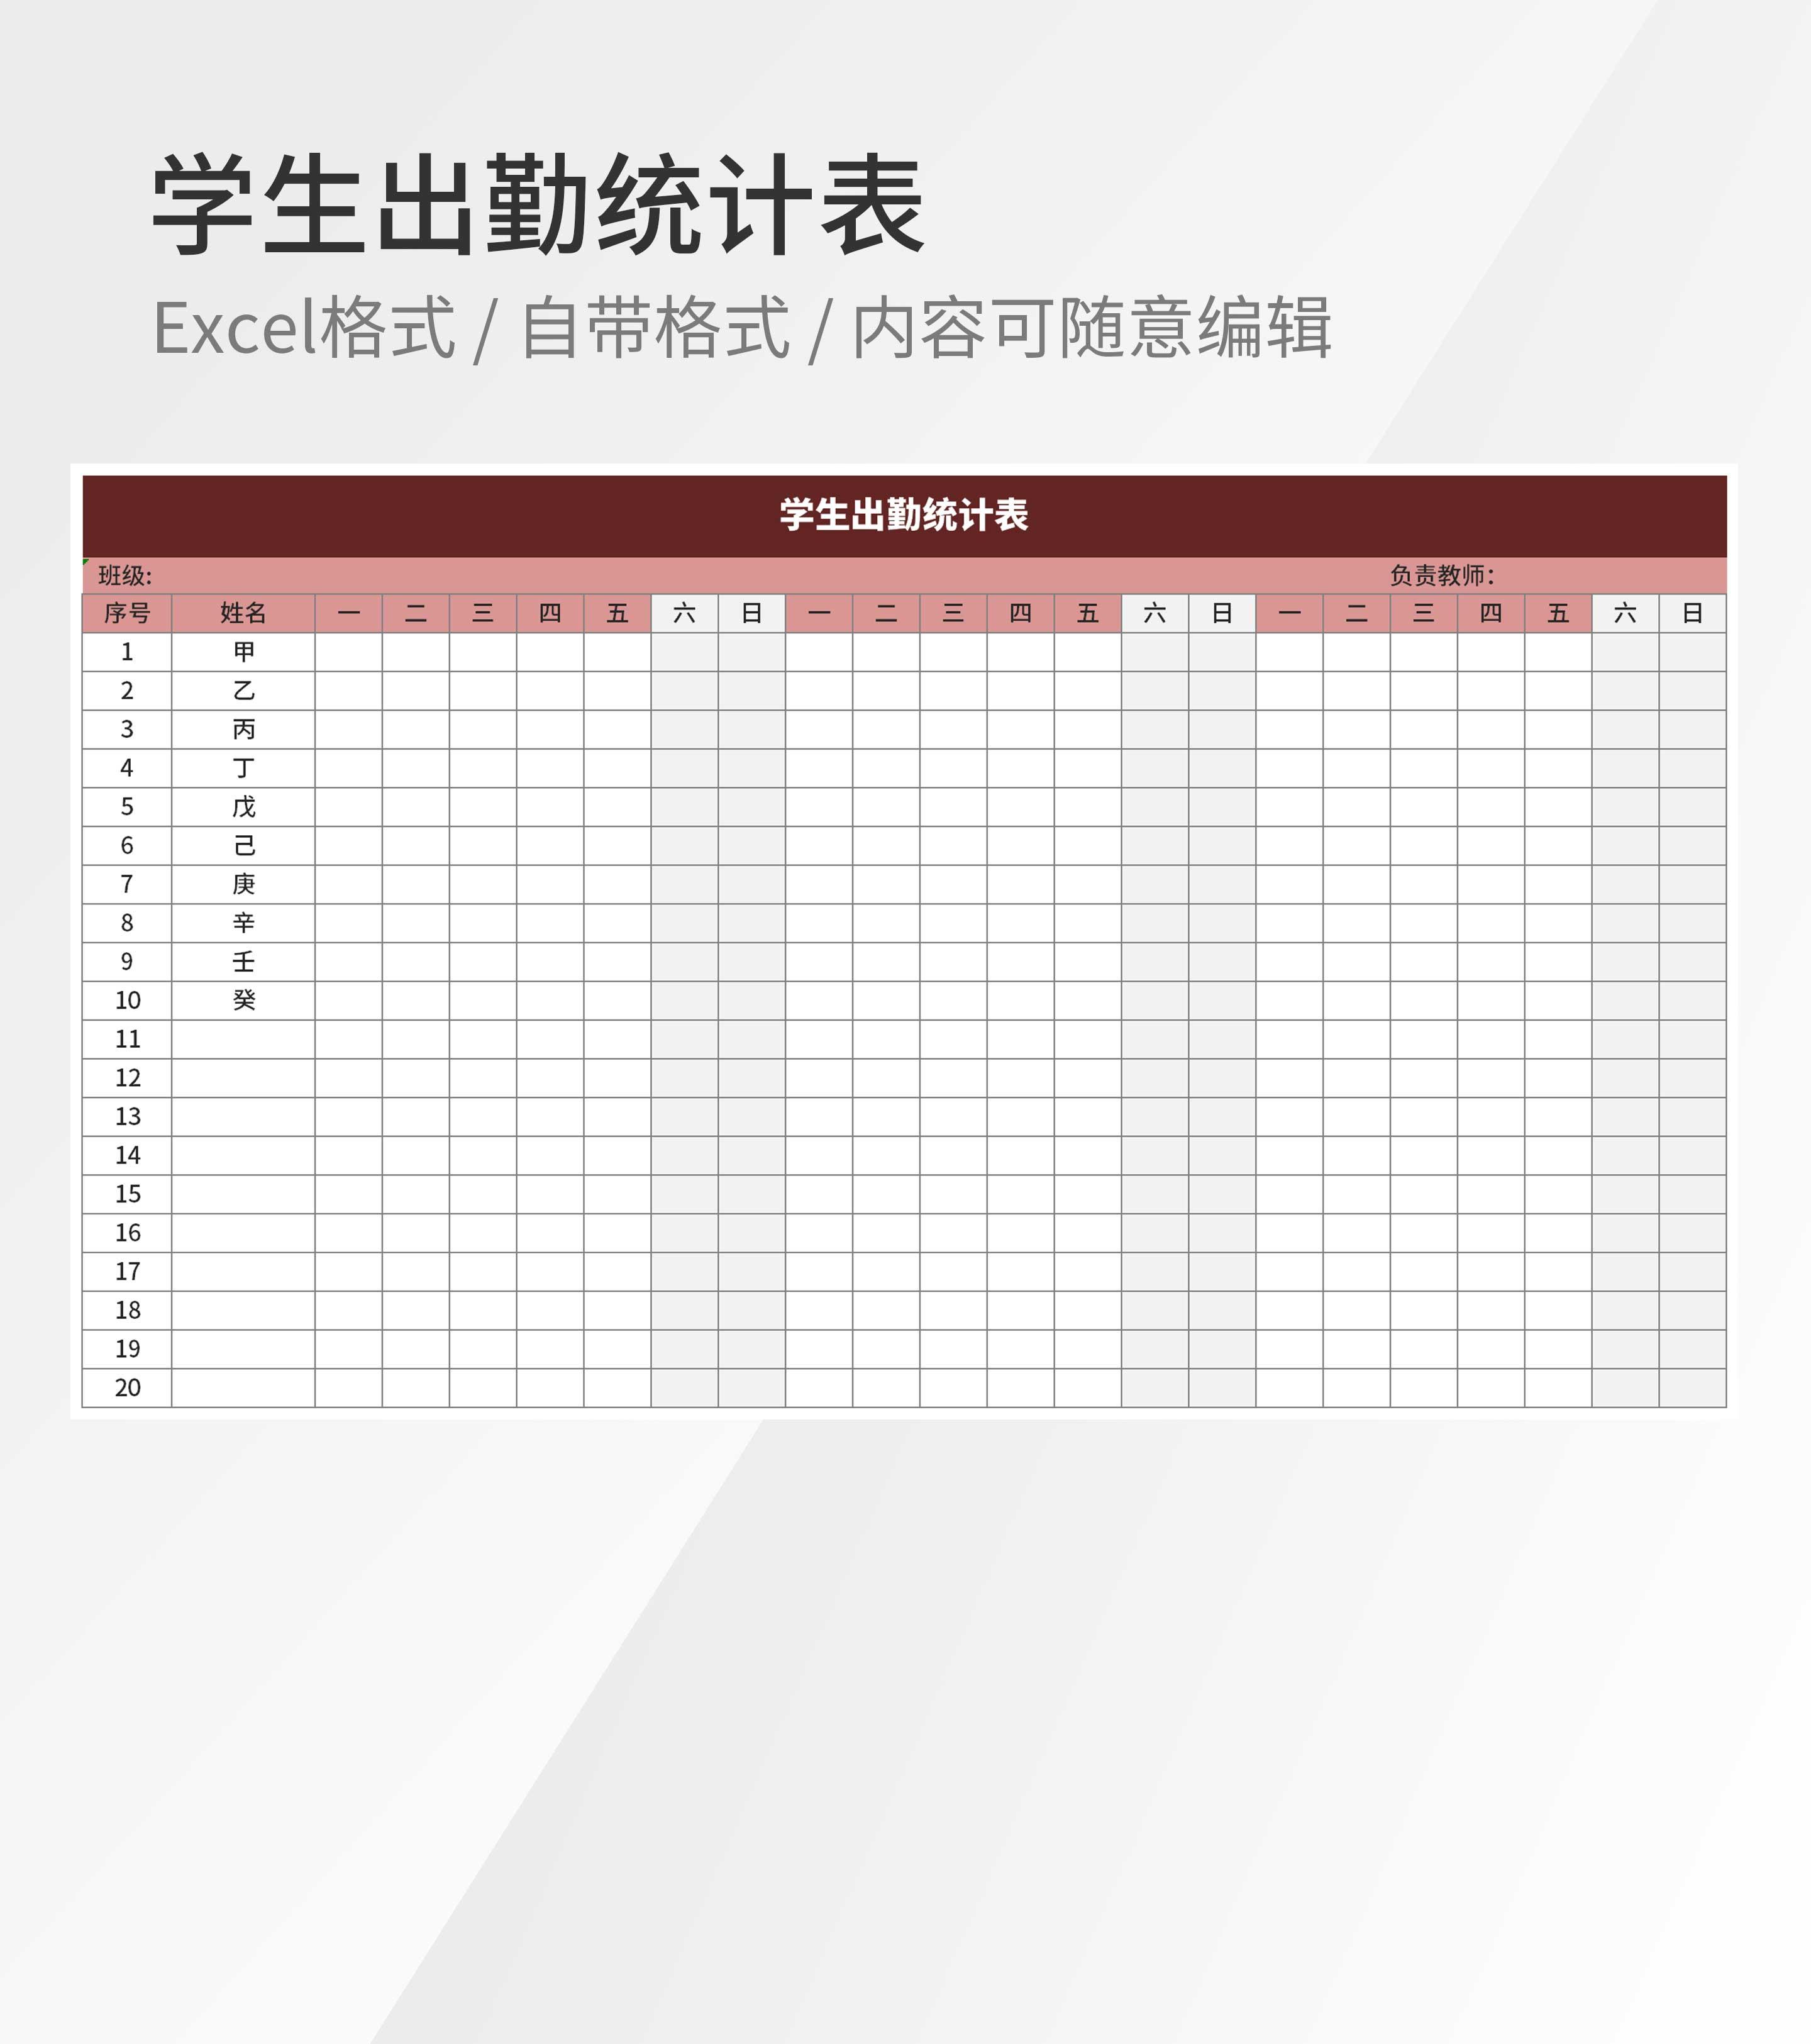 学生出勤统计表